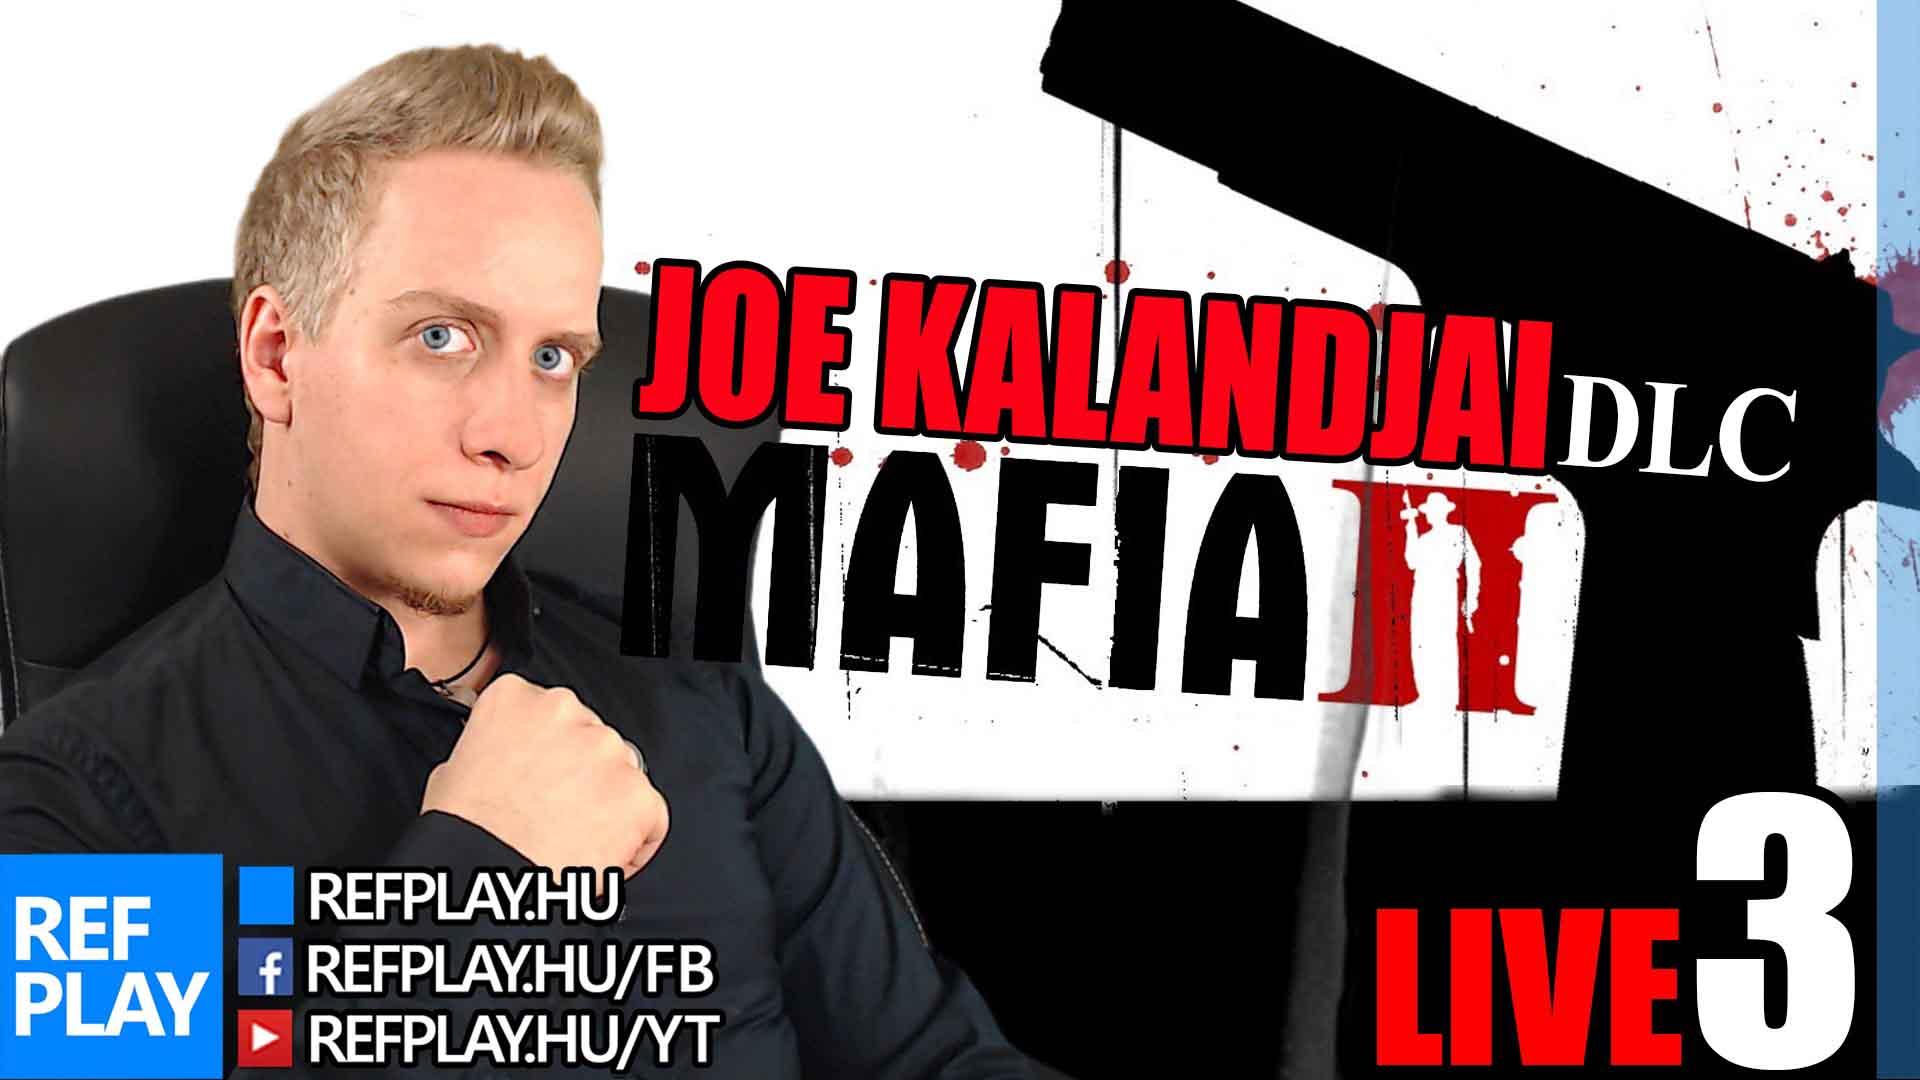 NYERJ + LIVE | MAFIA II Joe kalandjai DLC #3 | Magyar végigjátszás | REFPLAY